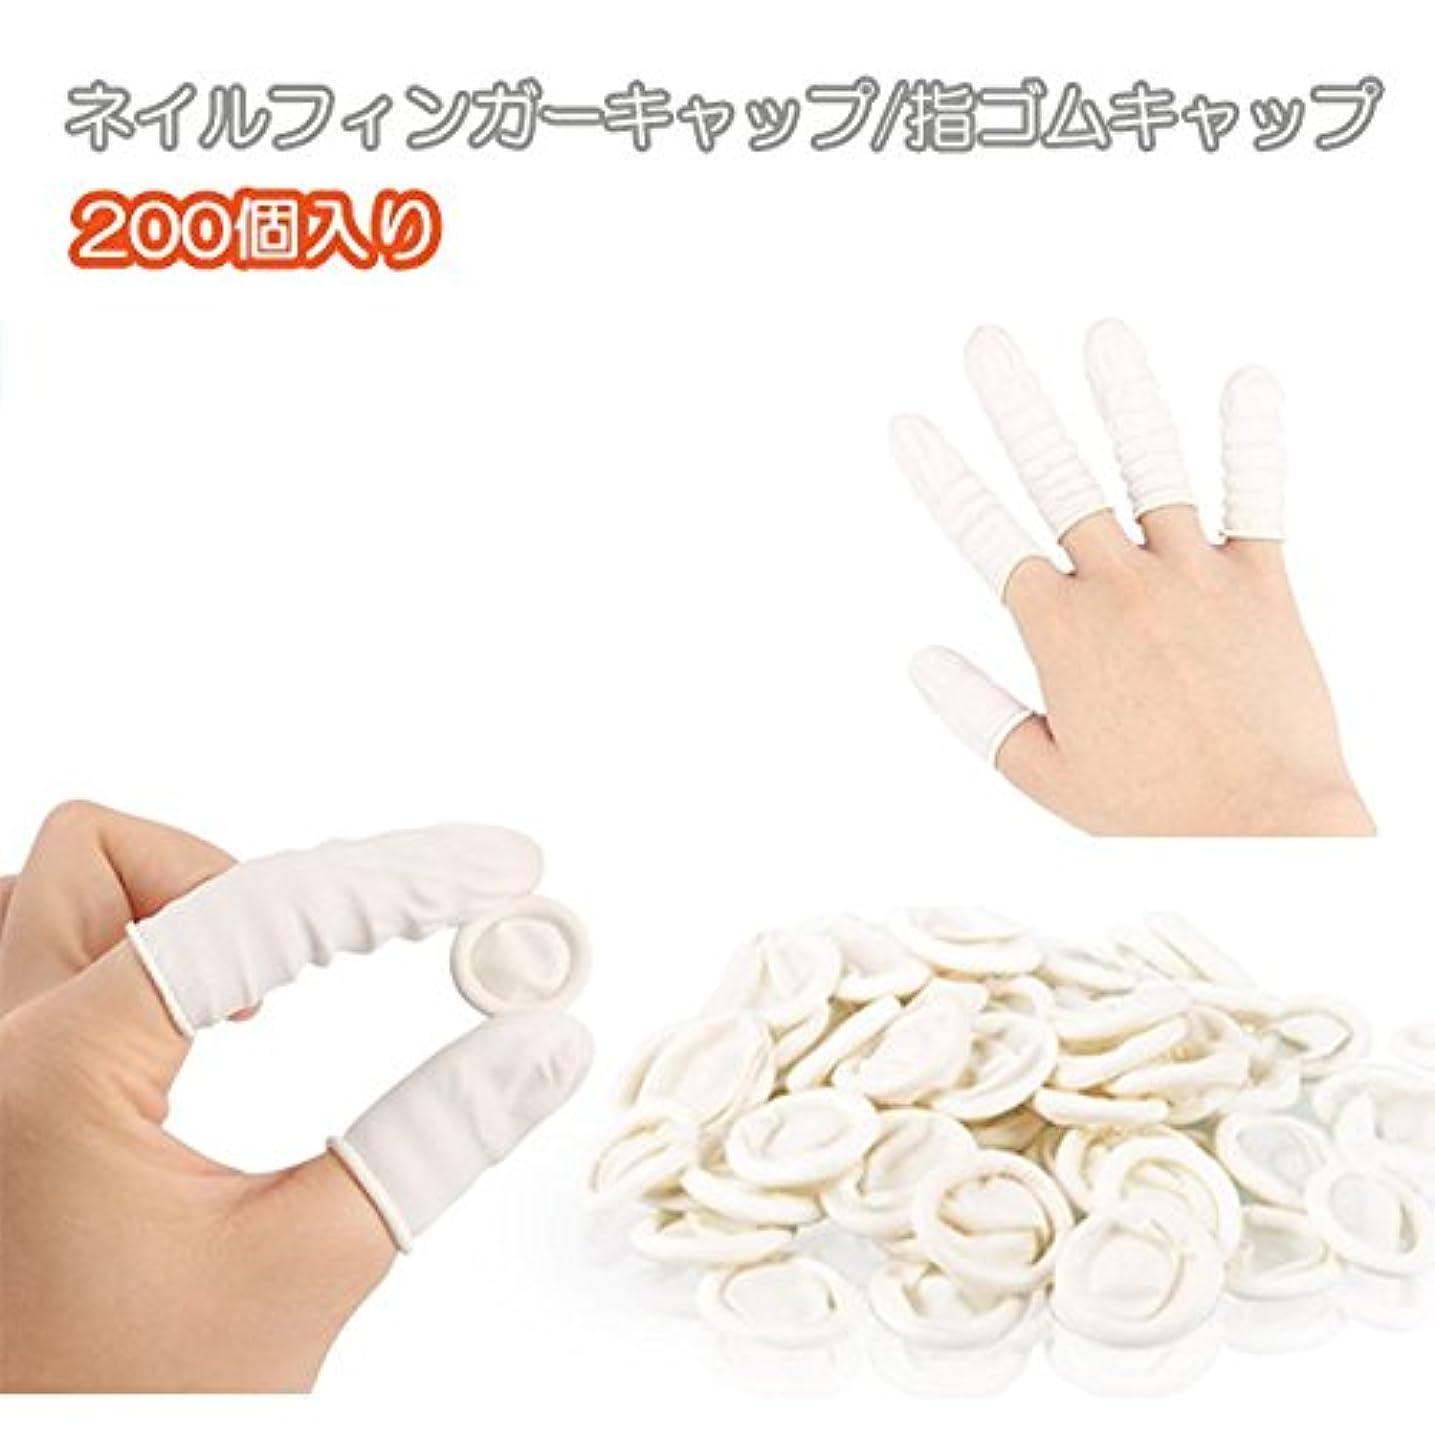 従順西ボクシングネイルフィンガーキャップ☆ジェルネイルオフ用【200個入り】 (S200)